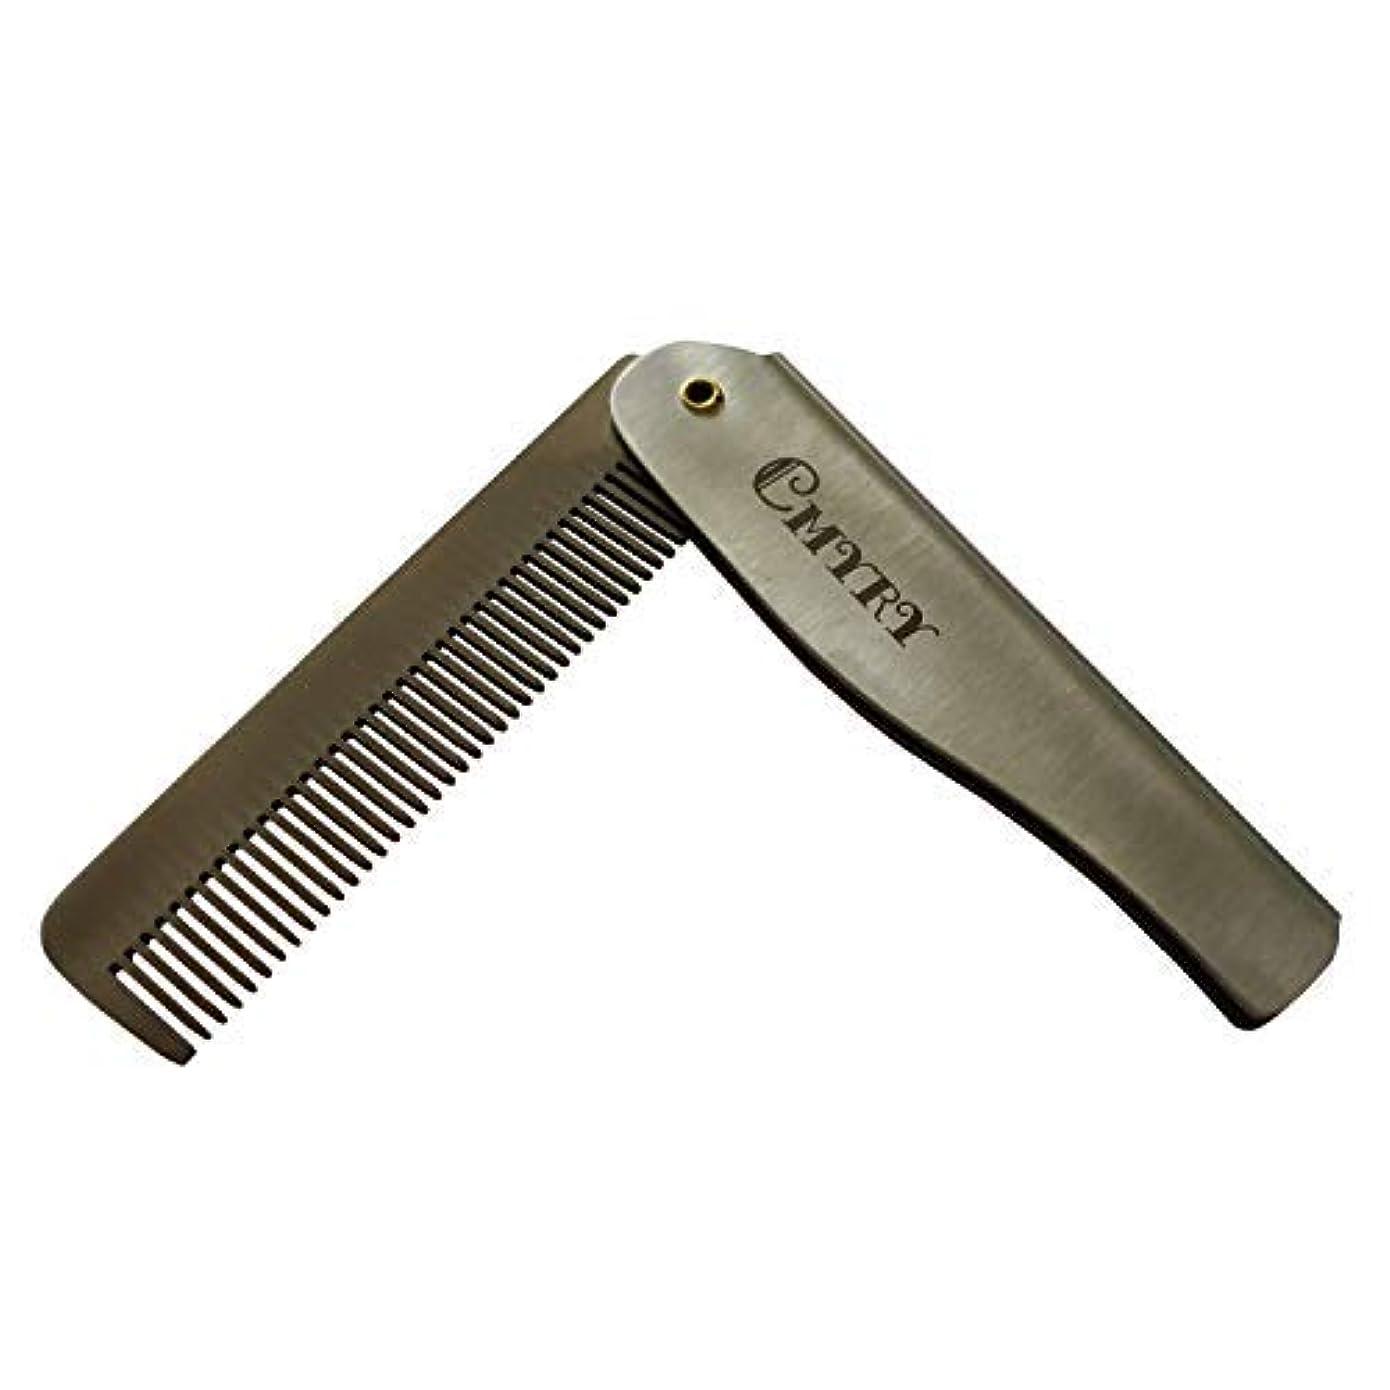 カウボーイ人生を作る意識Folding Beard Hair Pocket Mustaches Pouch Comb Durable Anti-Static Comb for Men [並行輸入品]